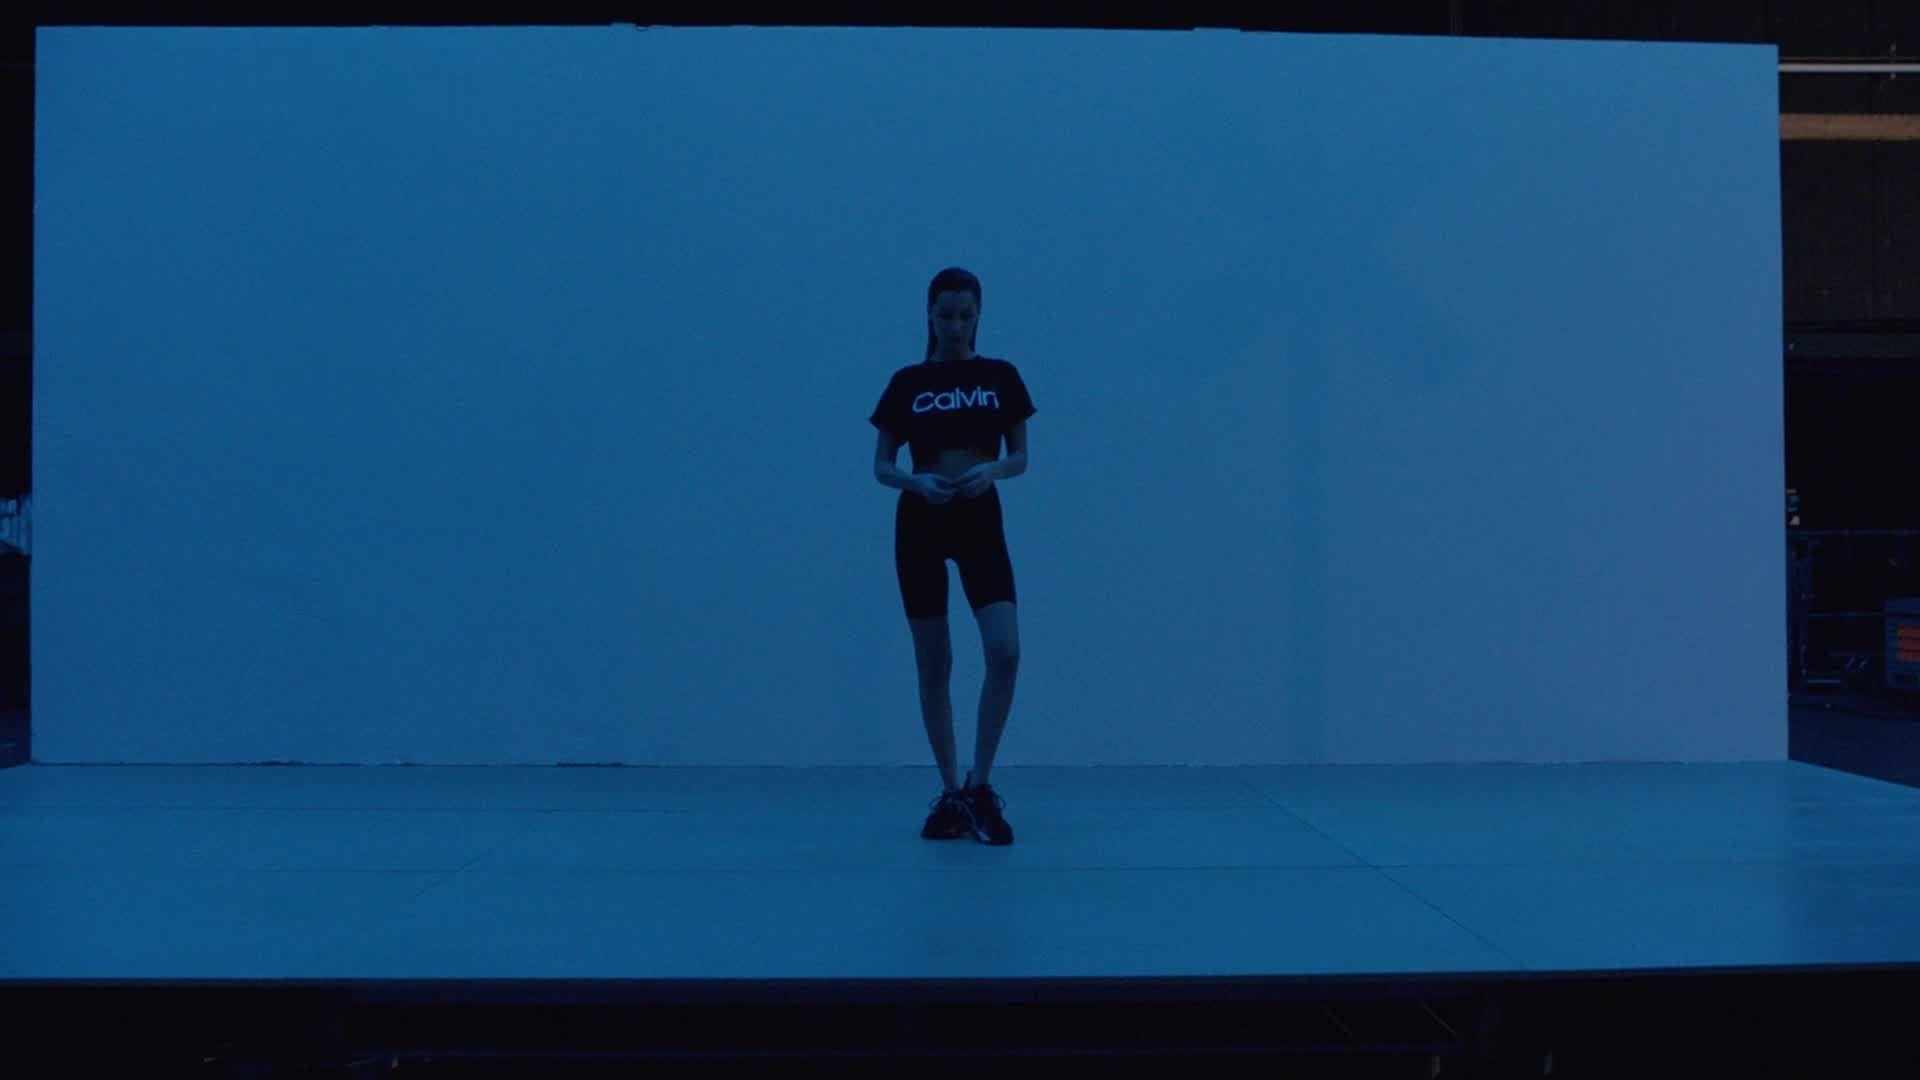 超越現實與虛擬的界線!貝拉哈蒂德Bella Hadid攜手IG虛擬KOL「Lil Miquela」拍攝時尚廣告